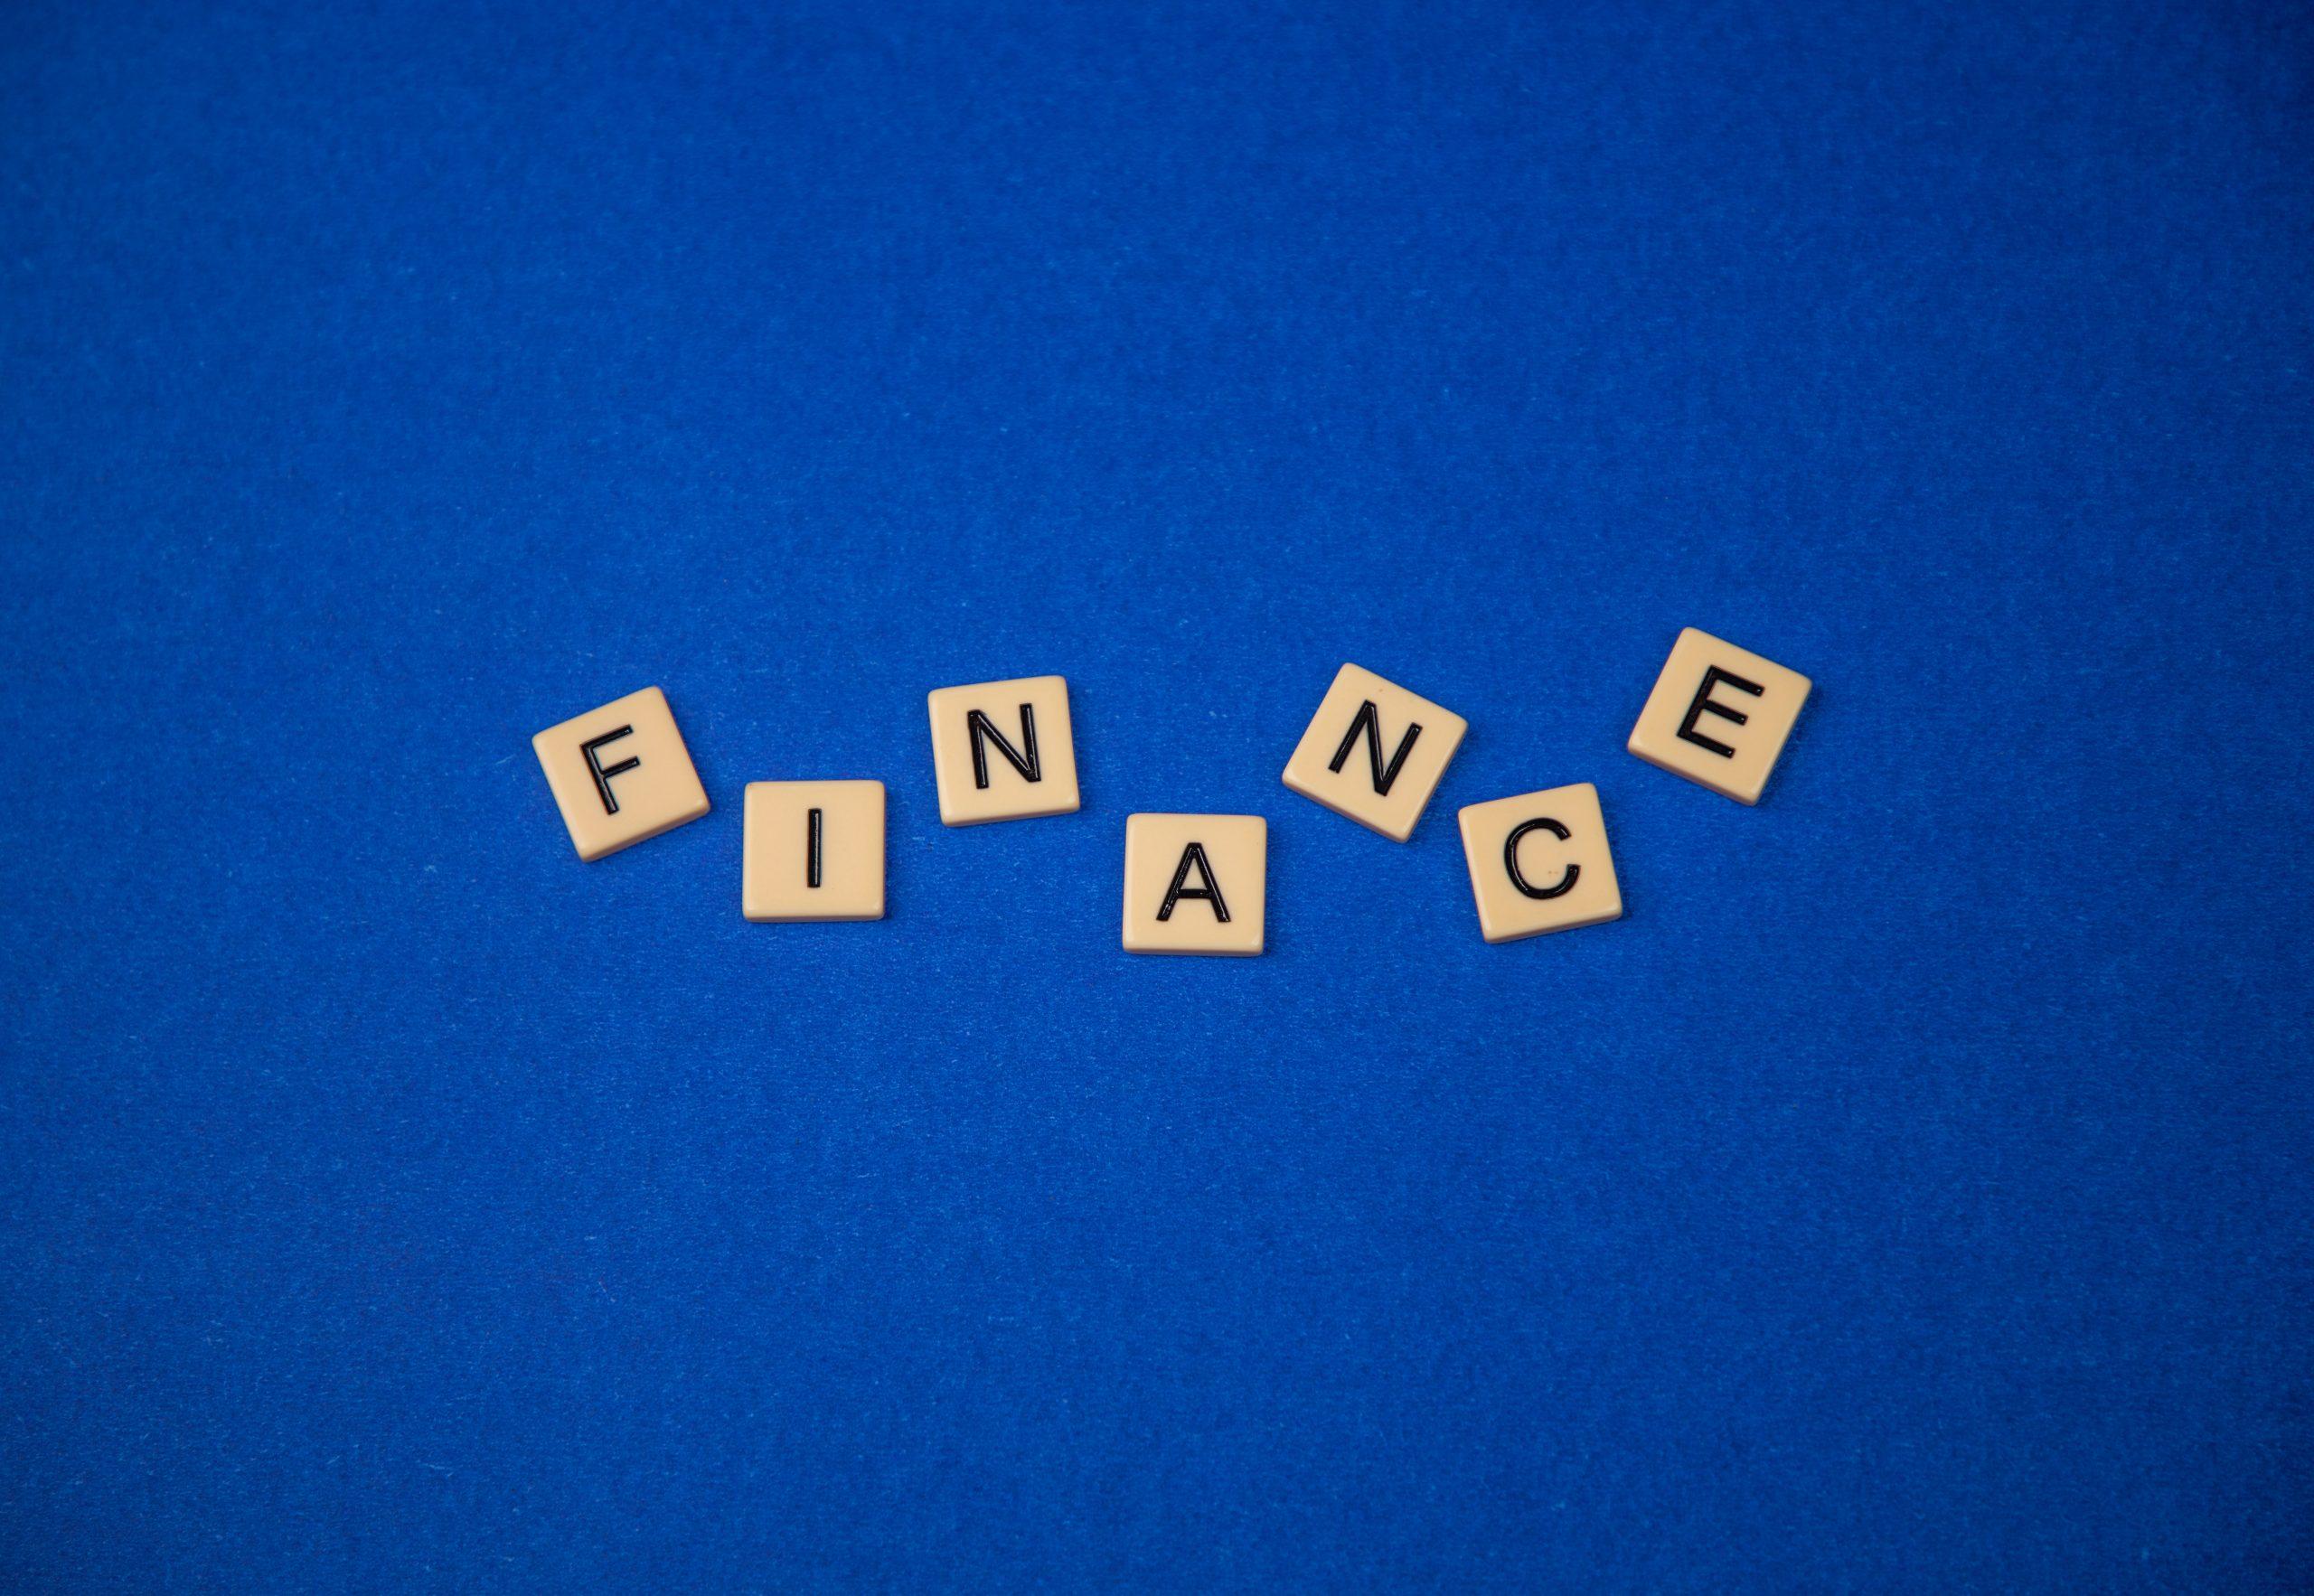 Finance written on scrabble